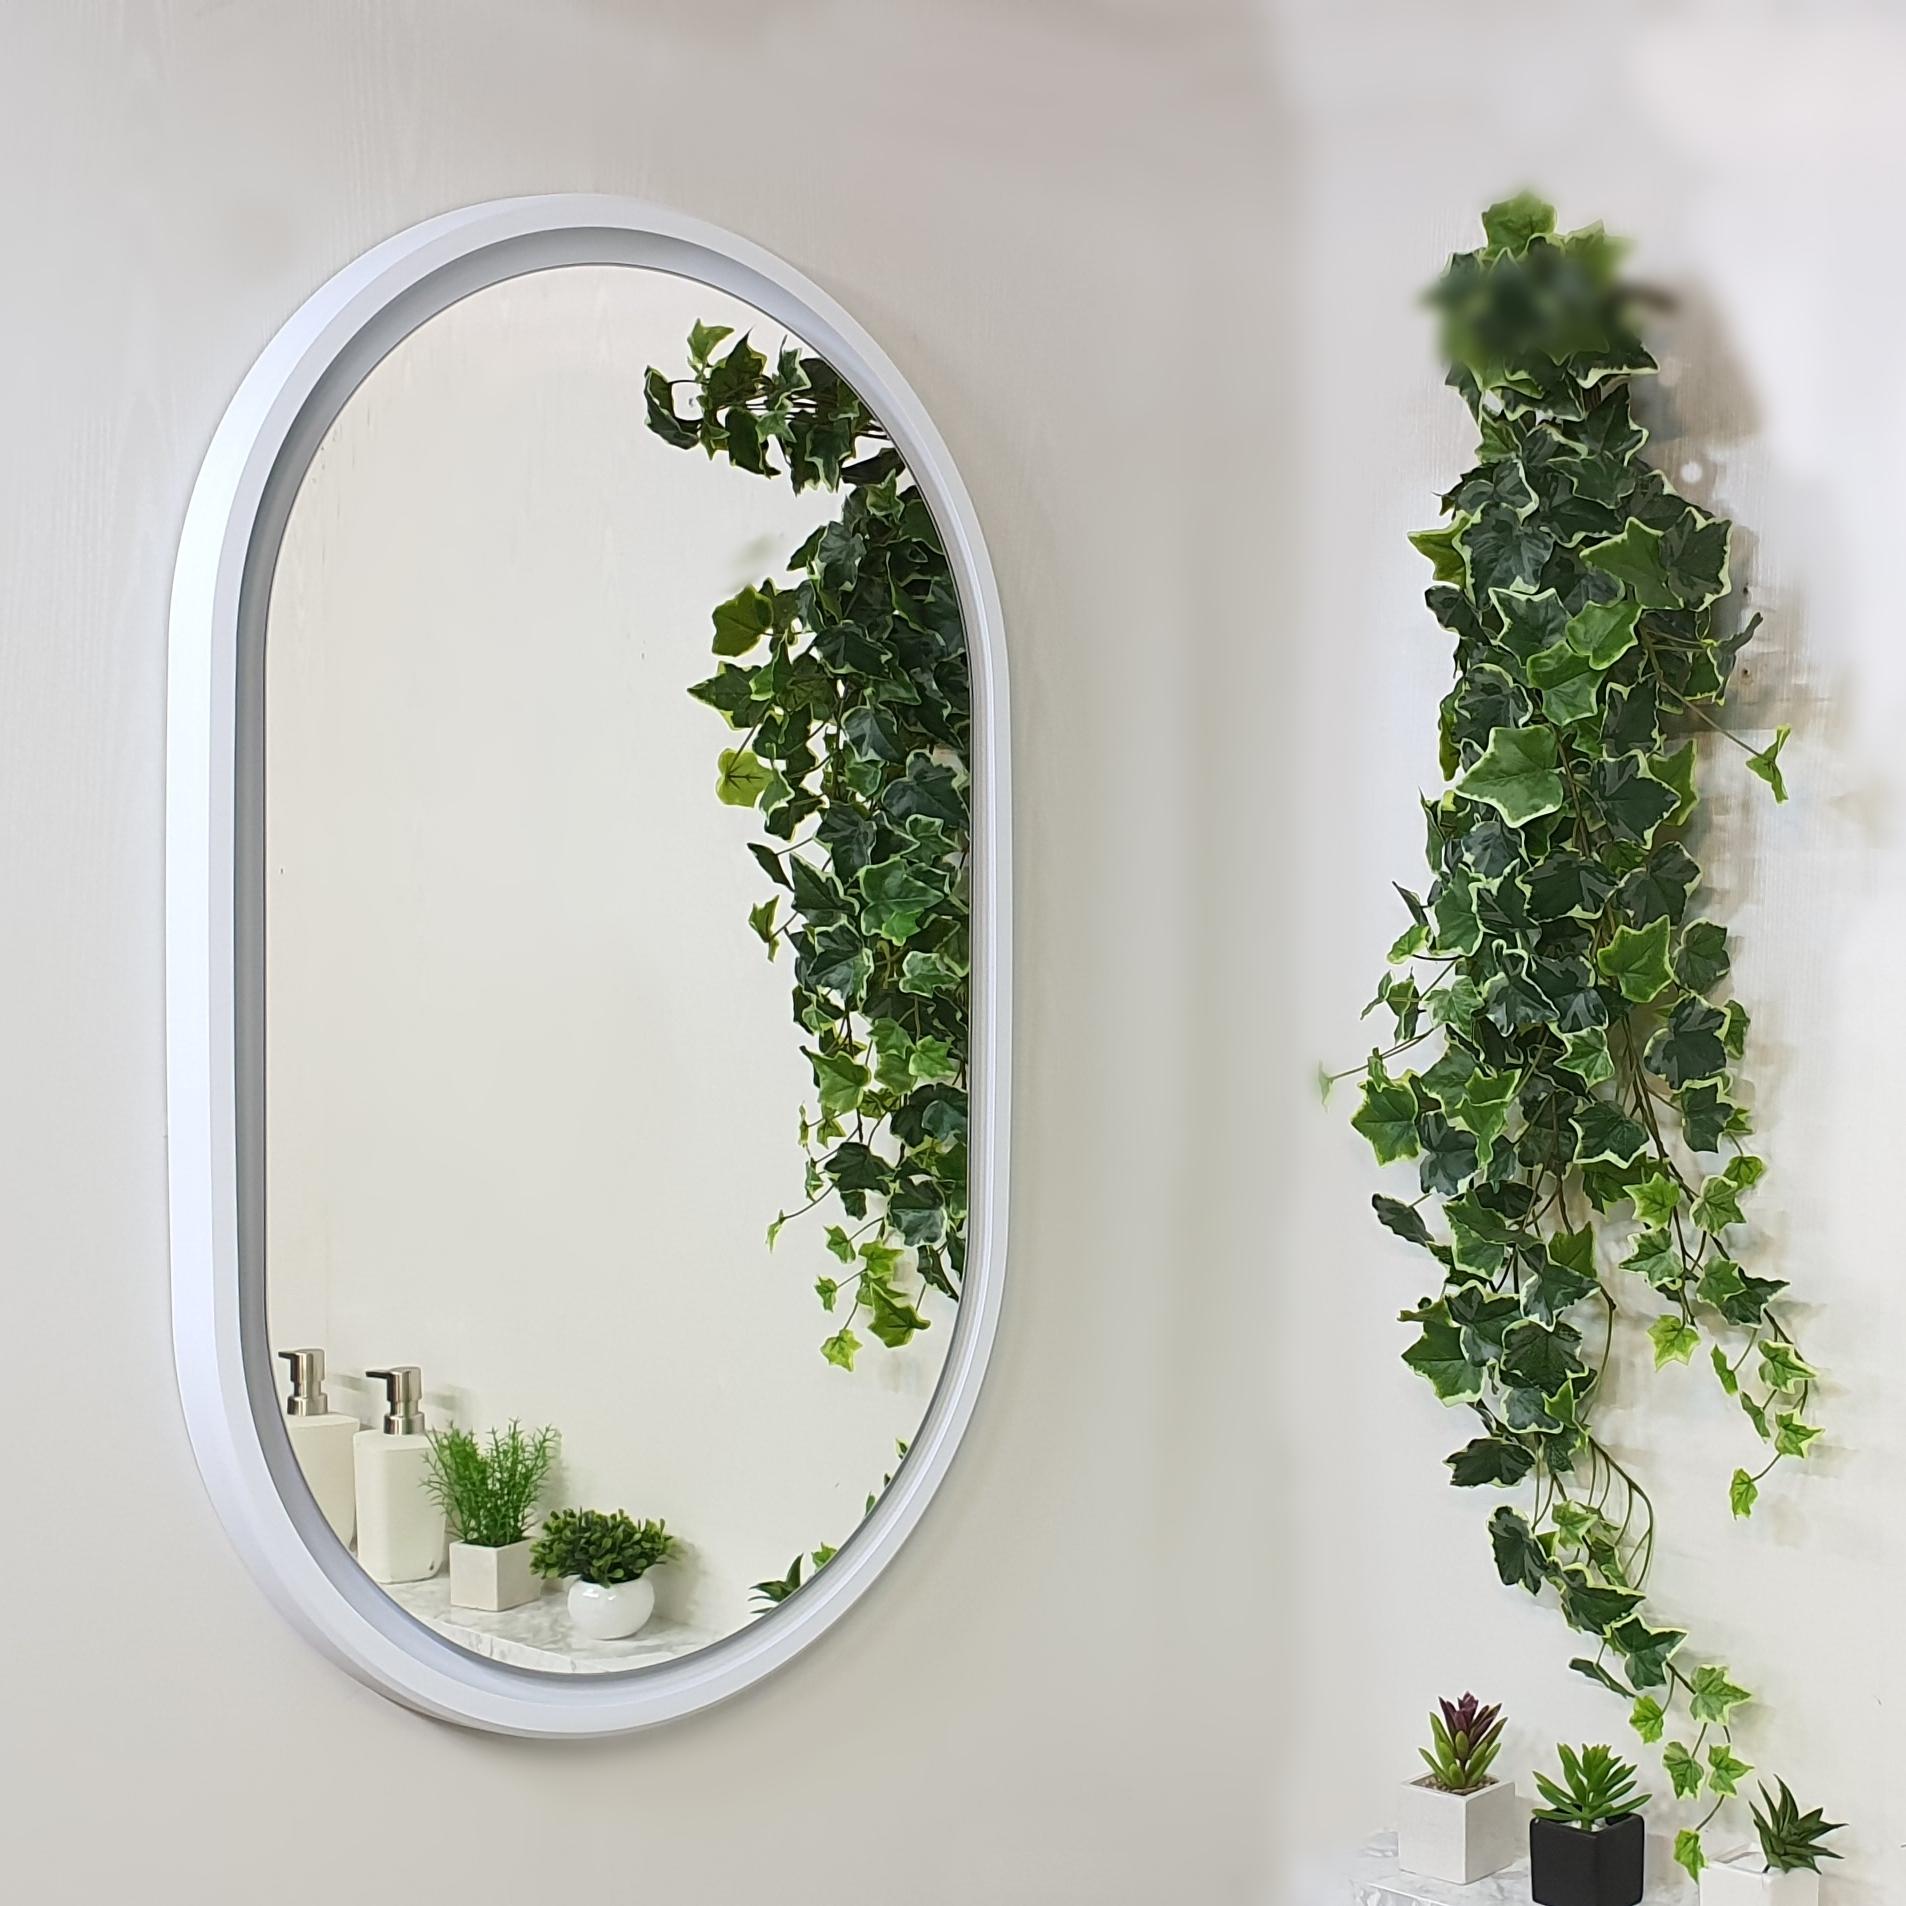 입체 타원 화장대 욕실 거울, 무광화이트